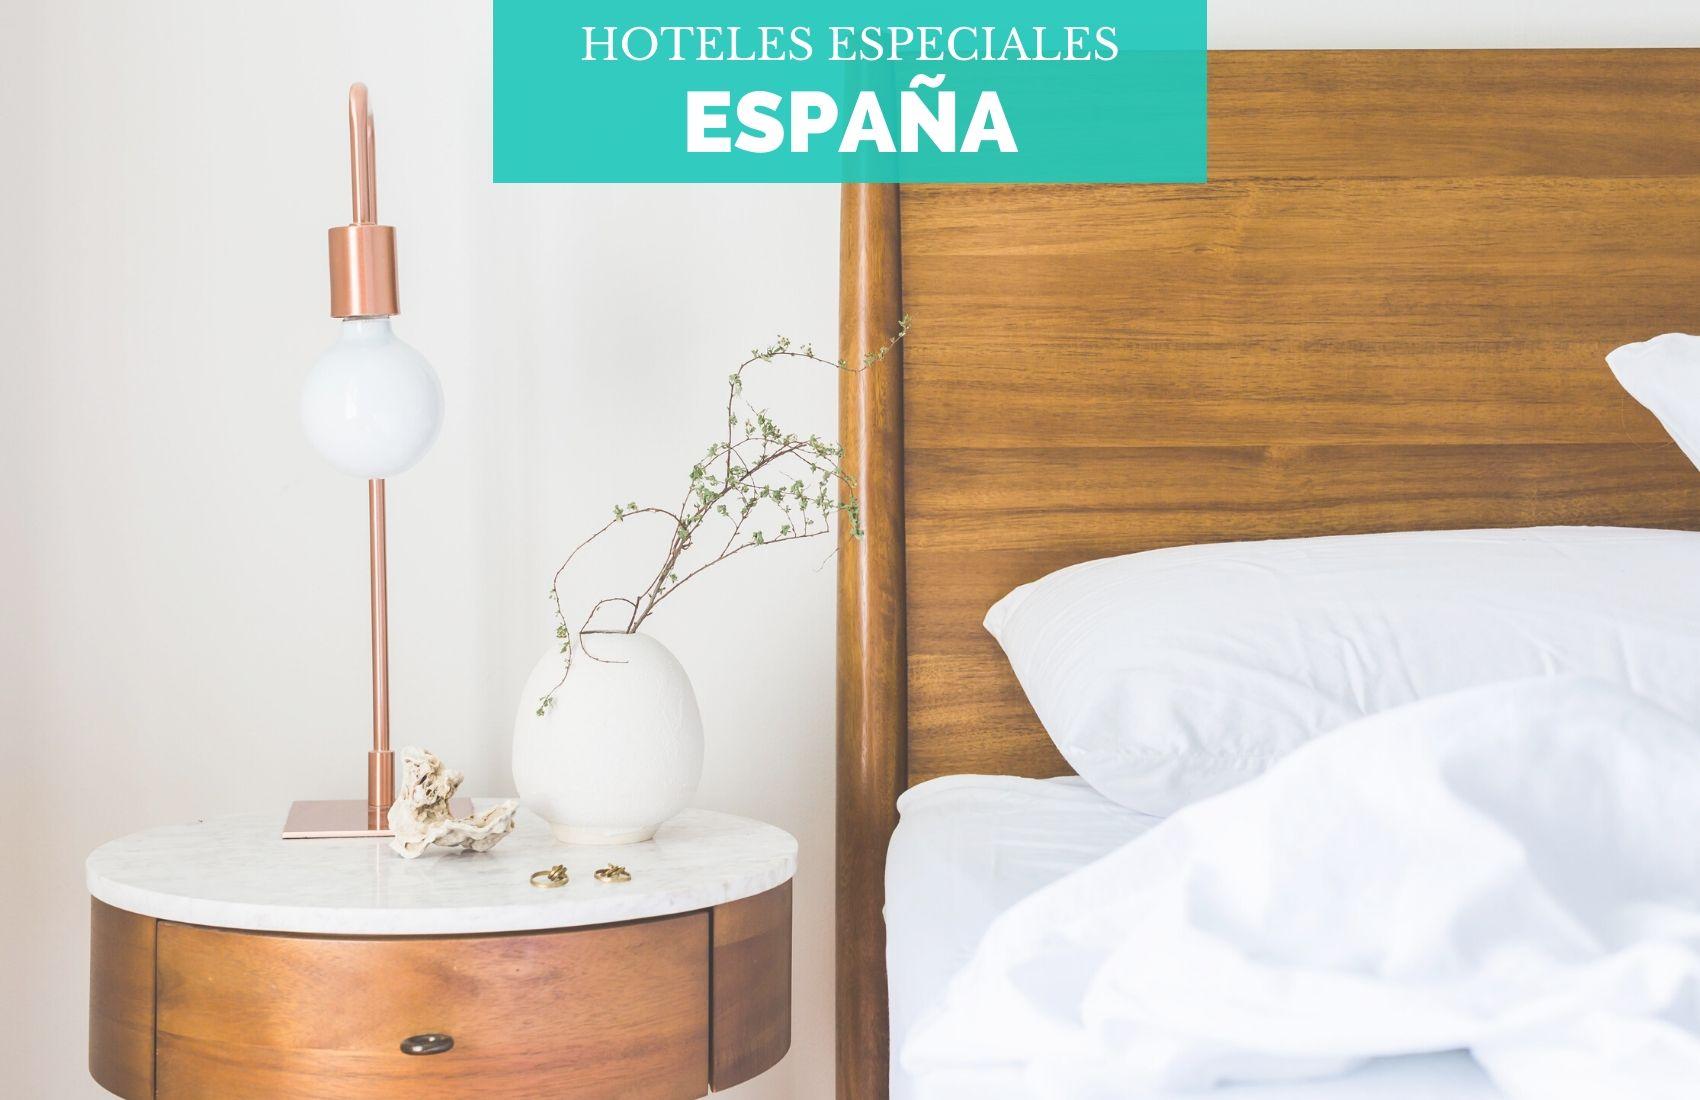 Portada-Espana-Hoteles-especiales